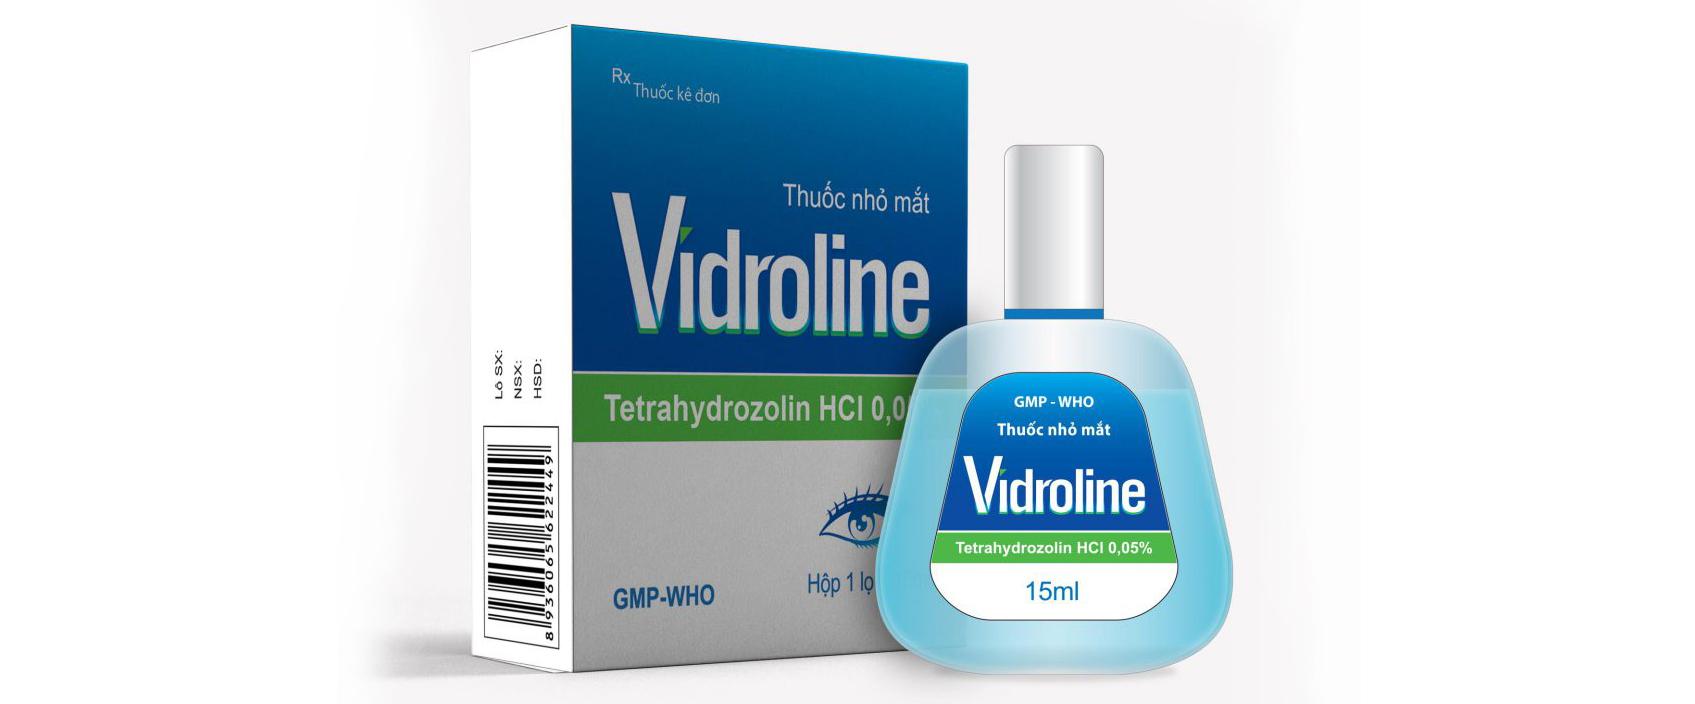 Vidroline